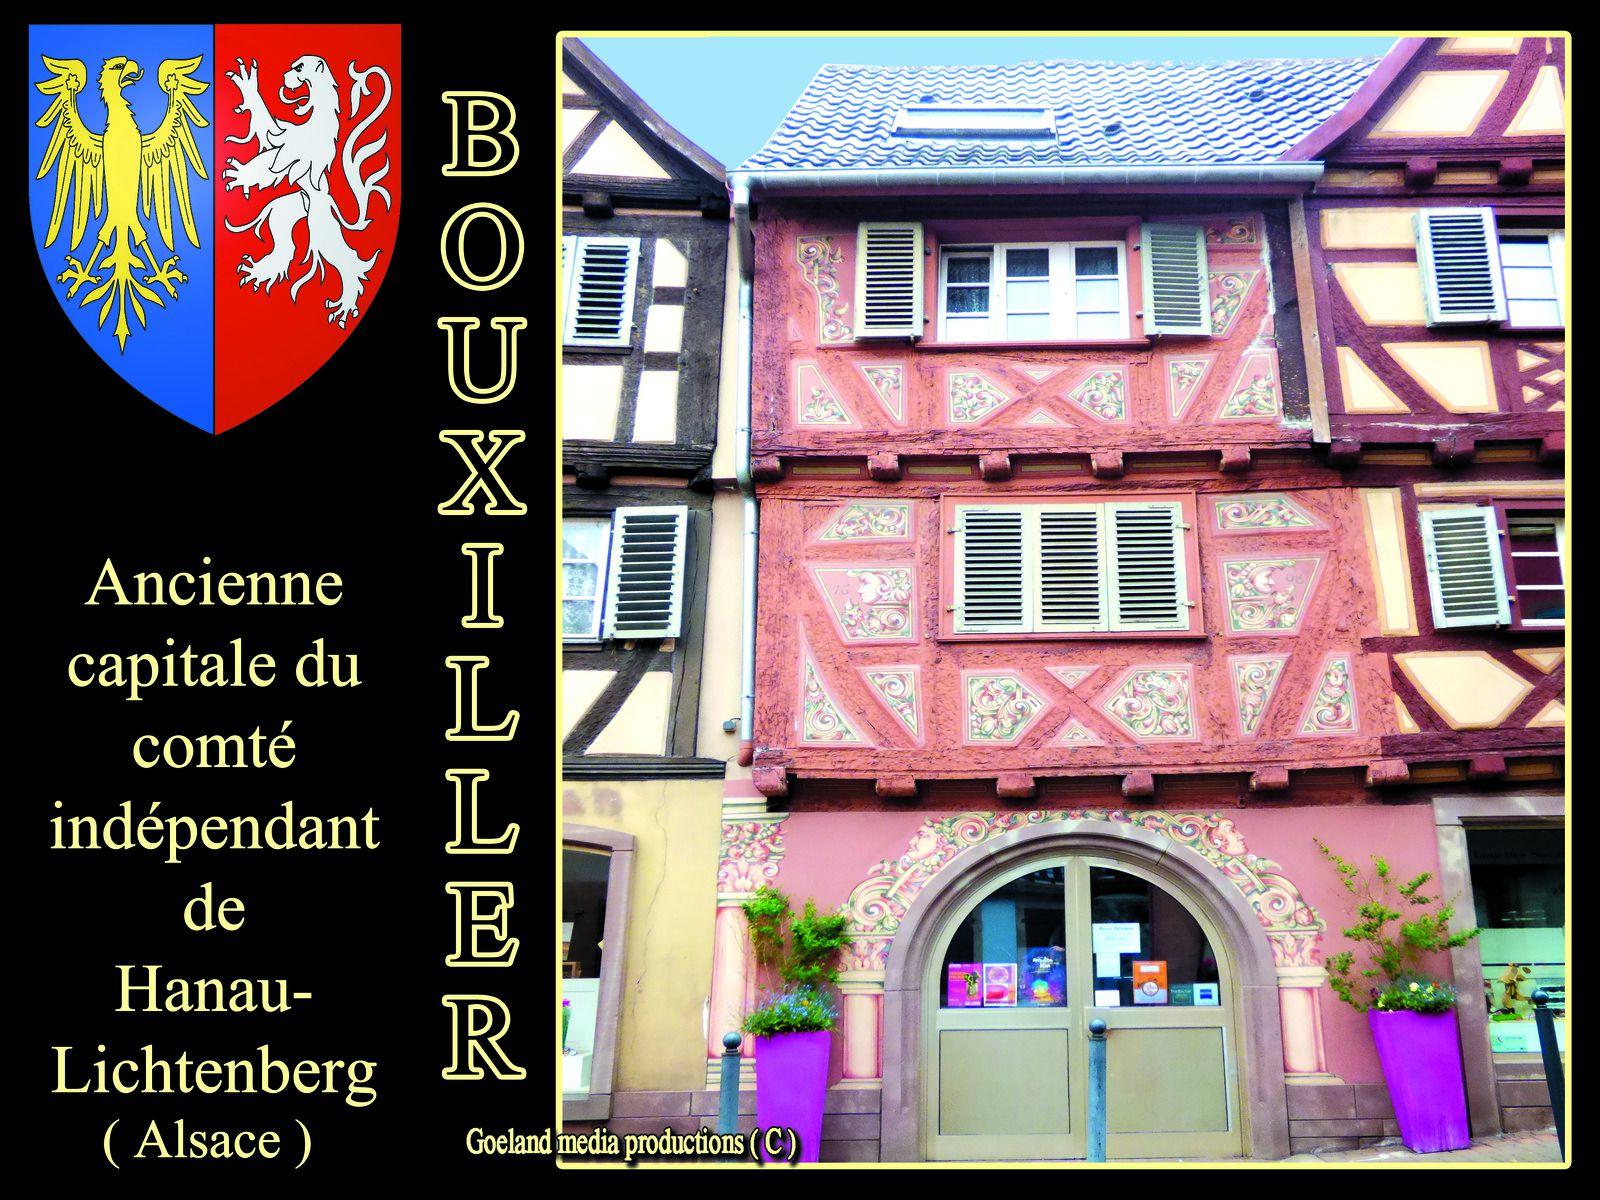 BOUXWILLER capitale du comté des HANAU - LICHTENBERG - Alsace région grand est